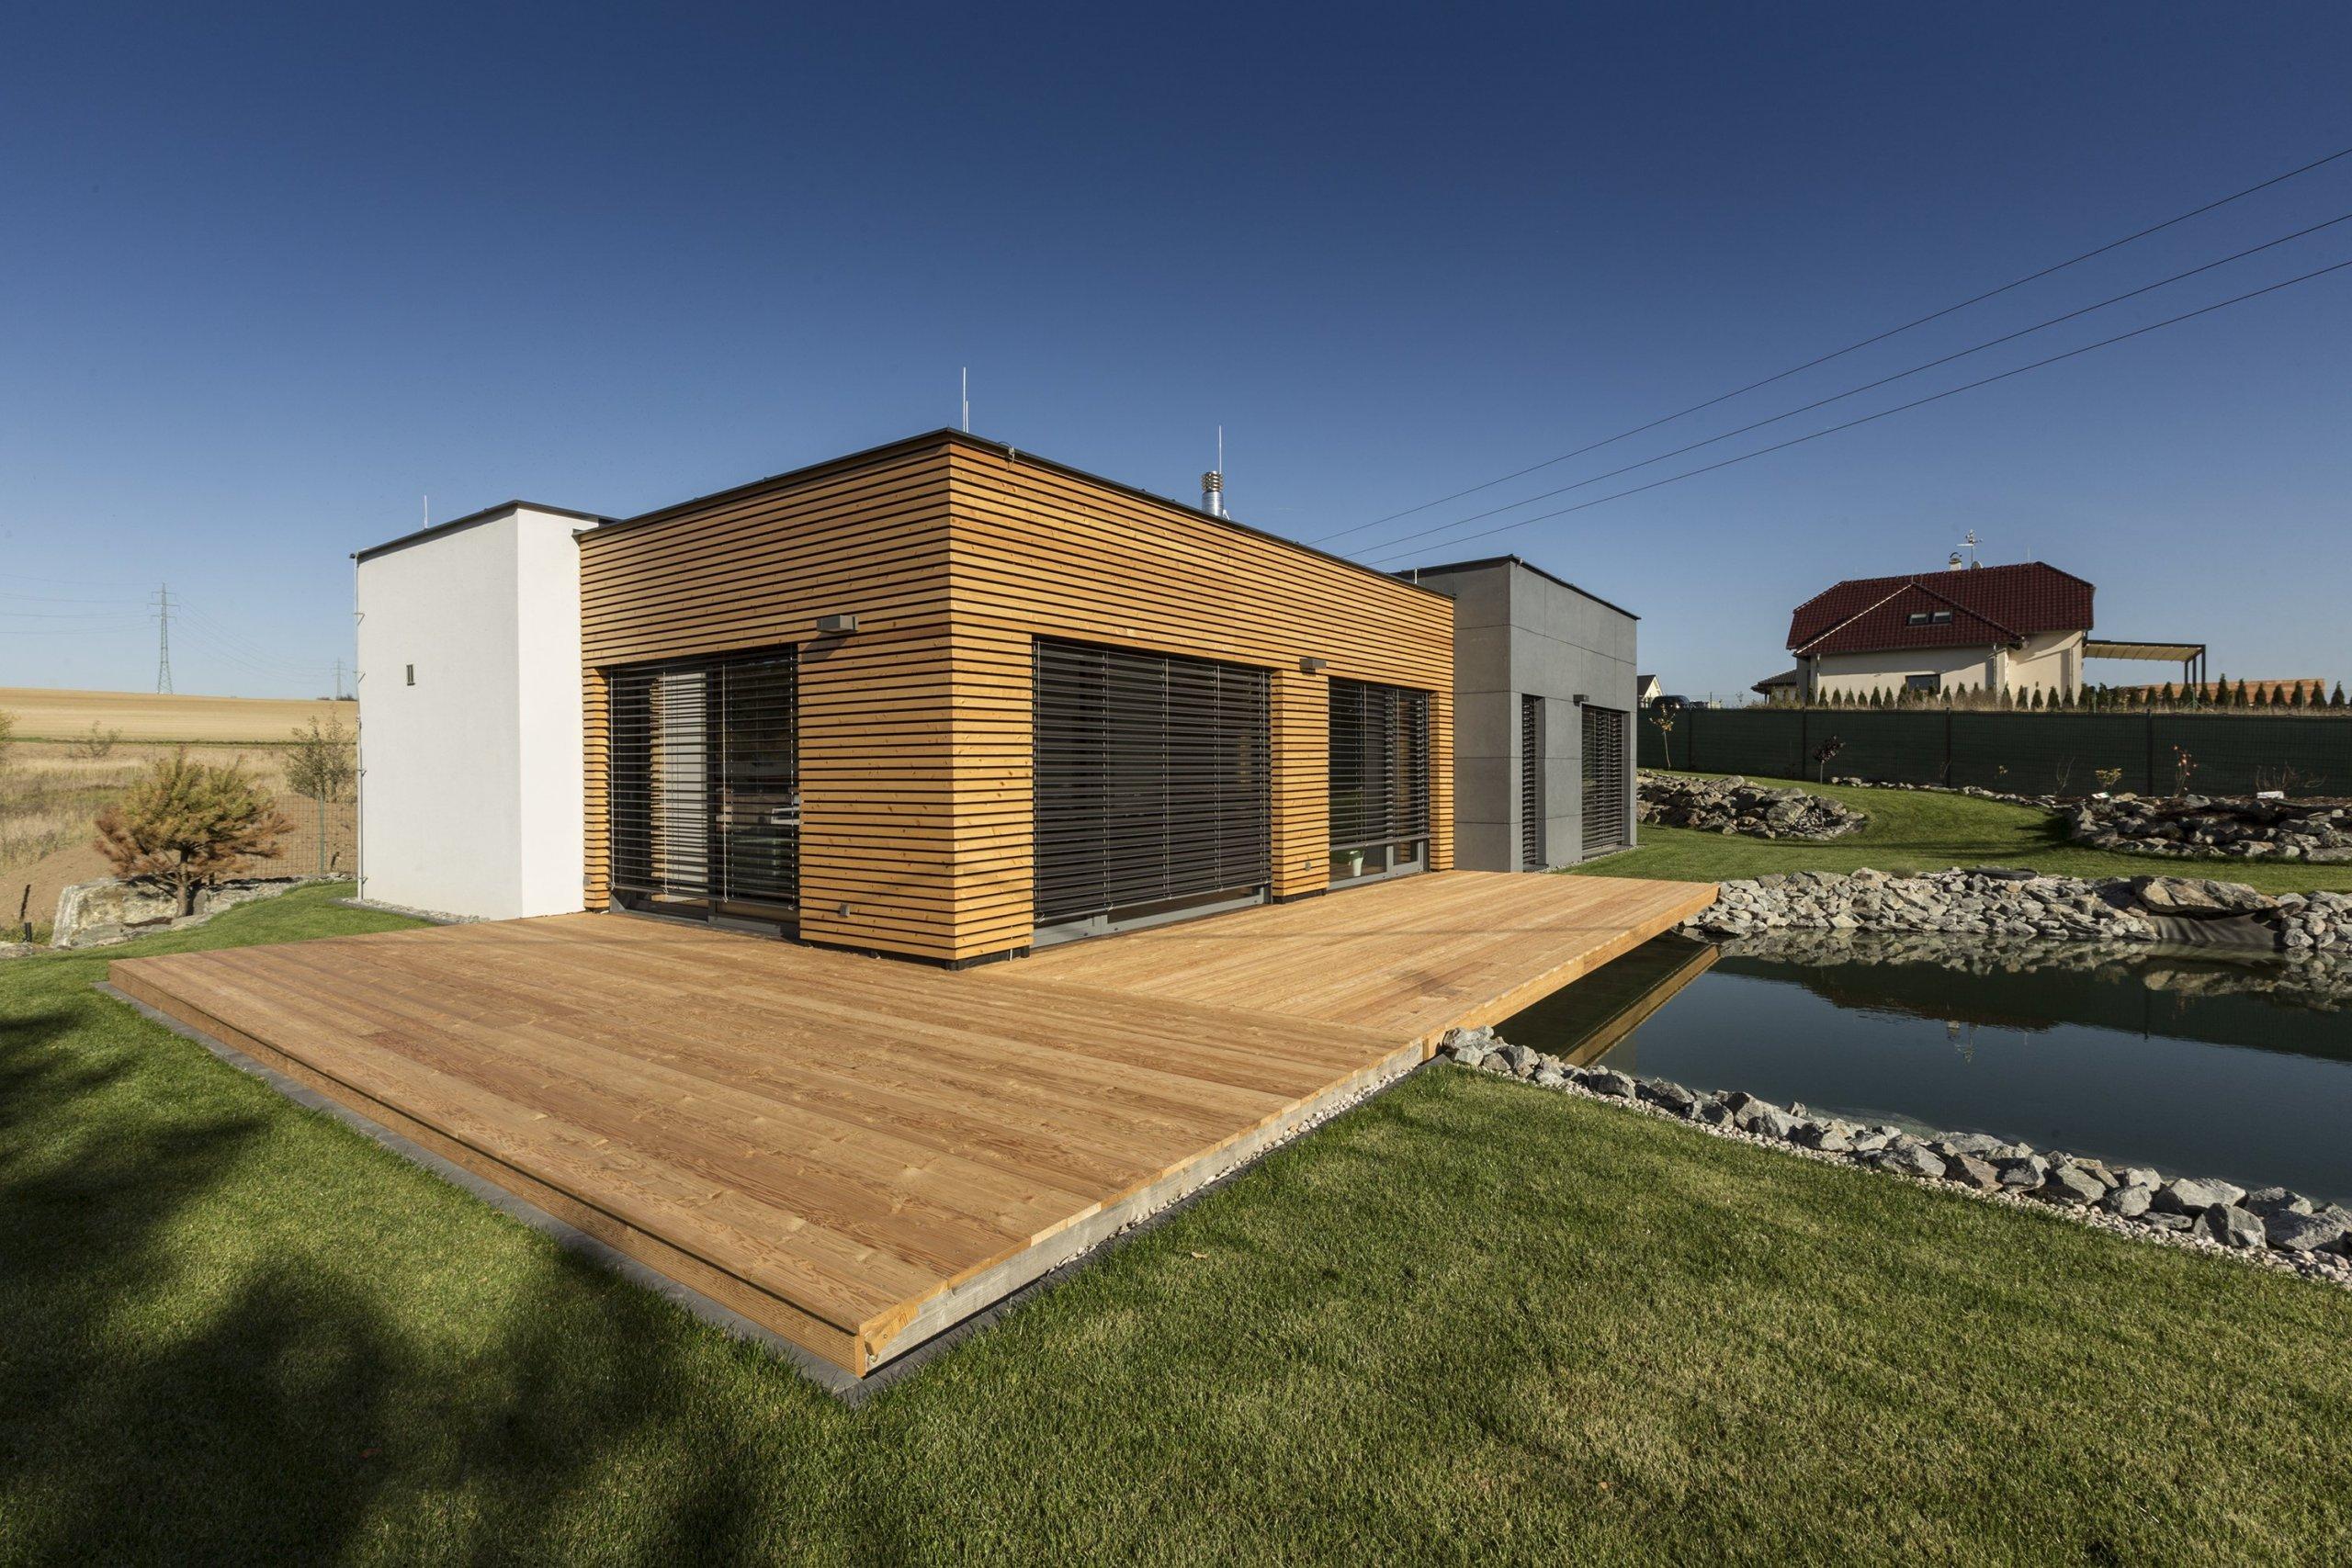 Postavíme vám dřevostavbu, terasu, pergolu, přístřešek na parkování a další stavby na míru - přesně dle vašich představ. Výjimkou nejsou ani dřevěné chatky či…